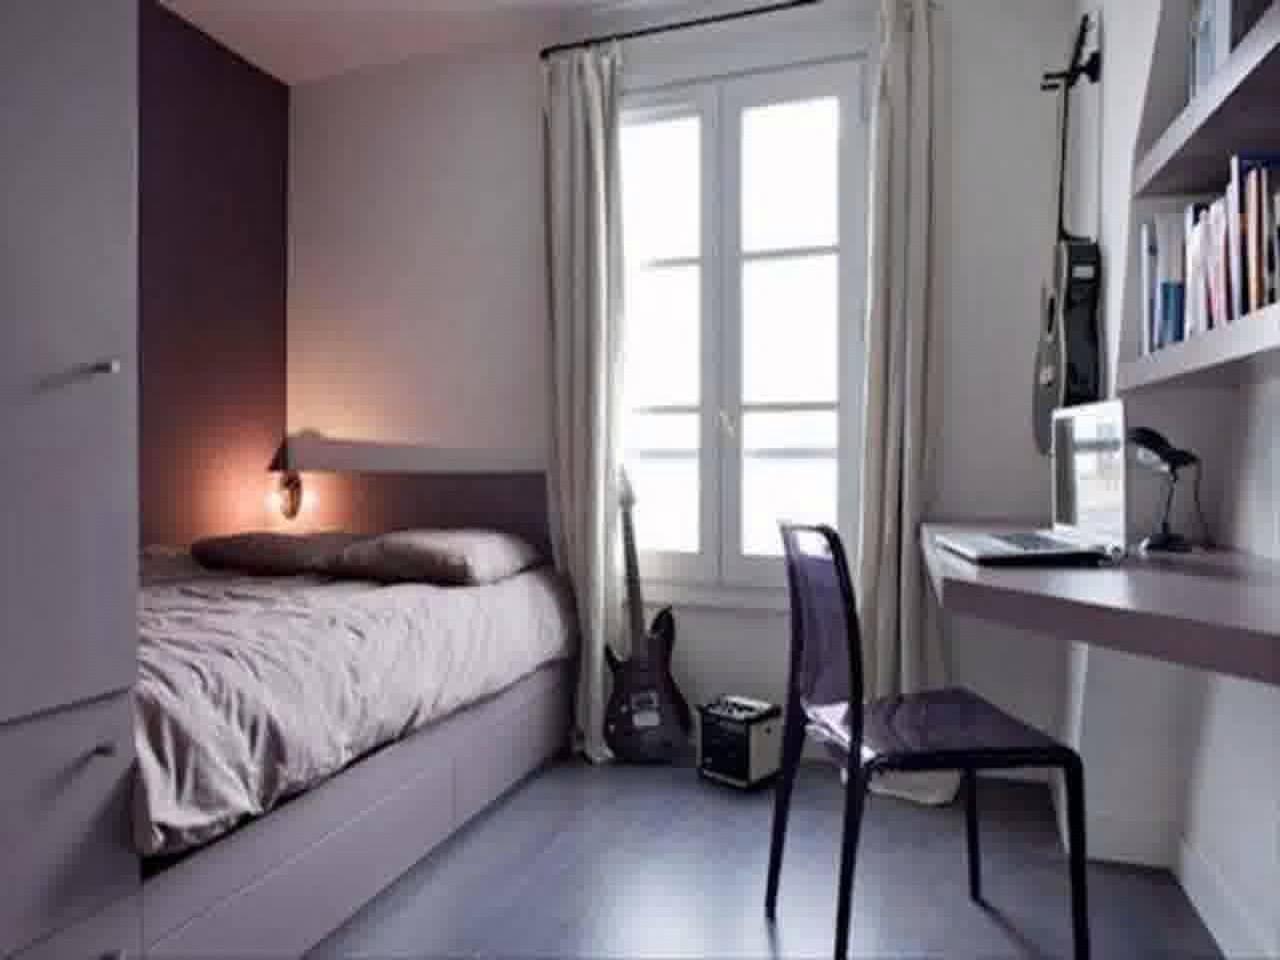 Desain Ruang Tamu Minimalis Ukuran 3x4 | Kumpulan Desain Rumah